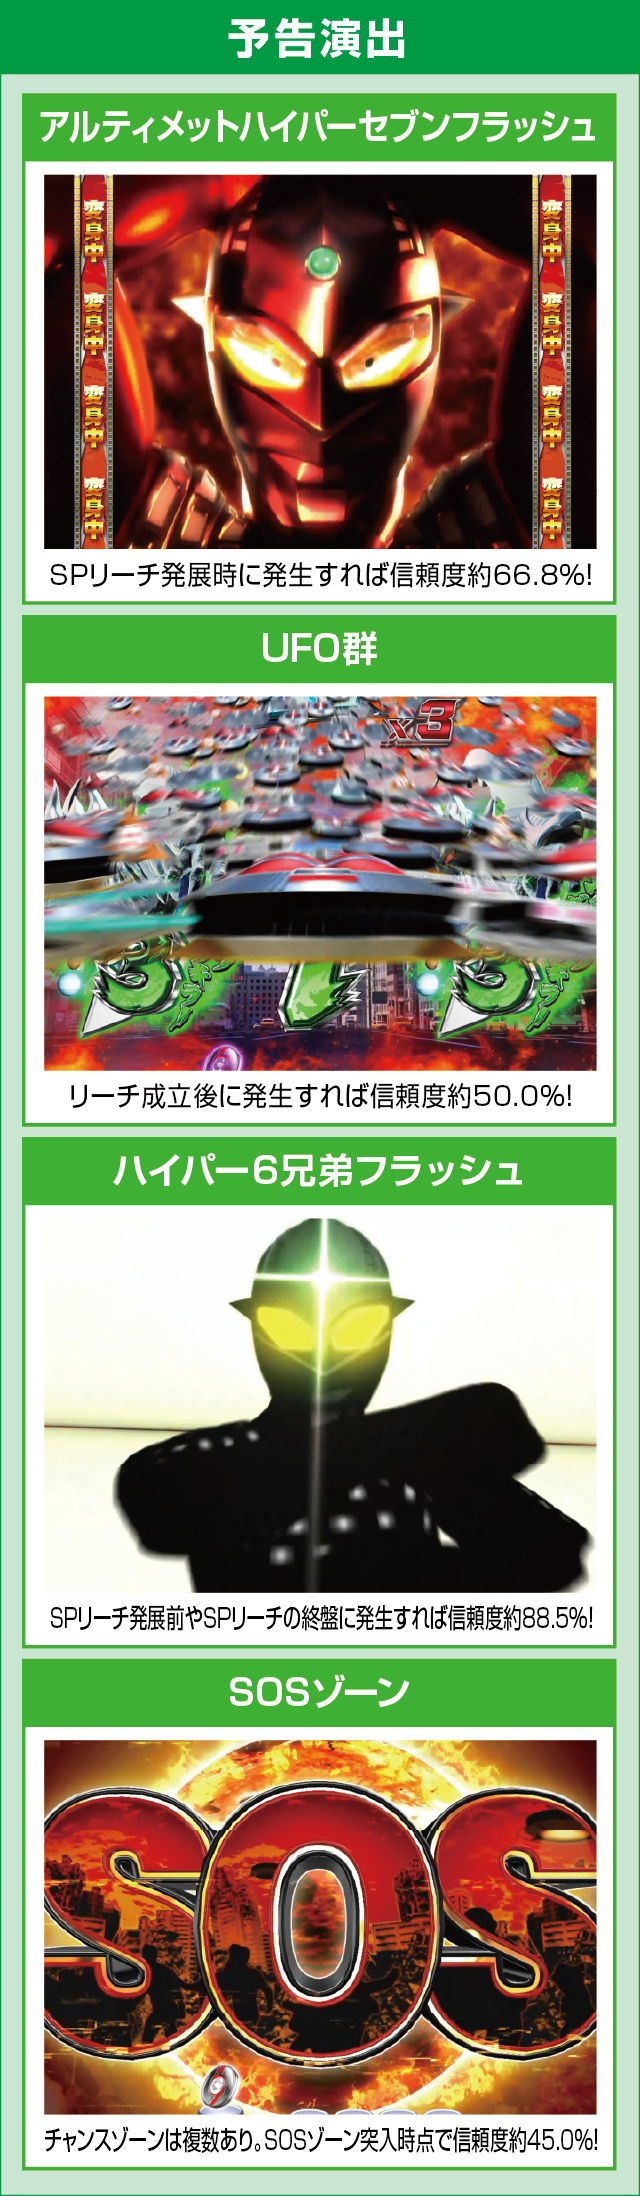 ぱちんこ ウルトラセブン 超乱舞のピックアップポイント